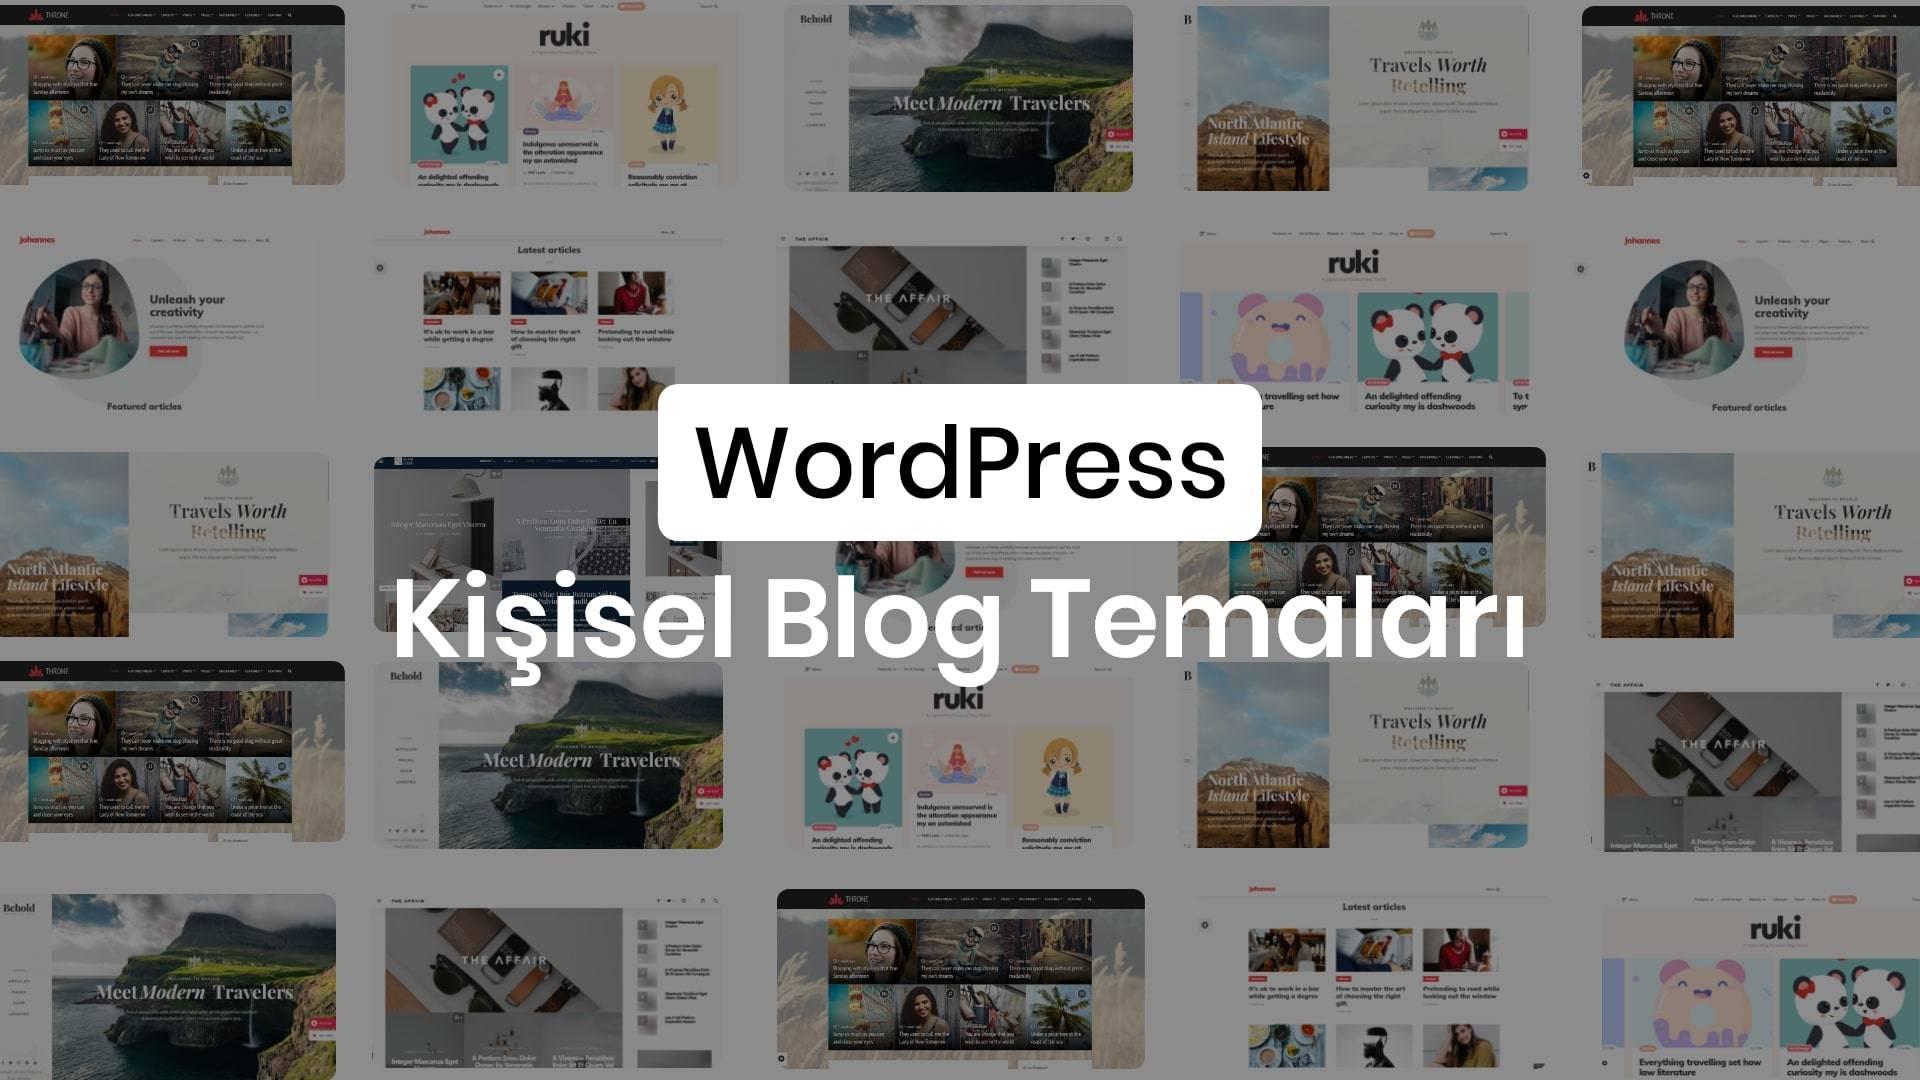 WordPress Kişisel Blog Teması- En İyi Kişisel Blog Temaları